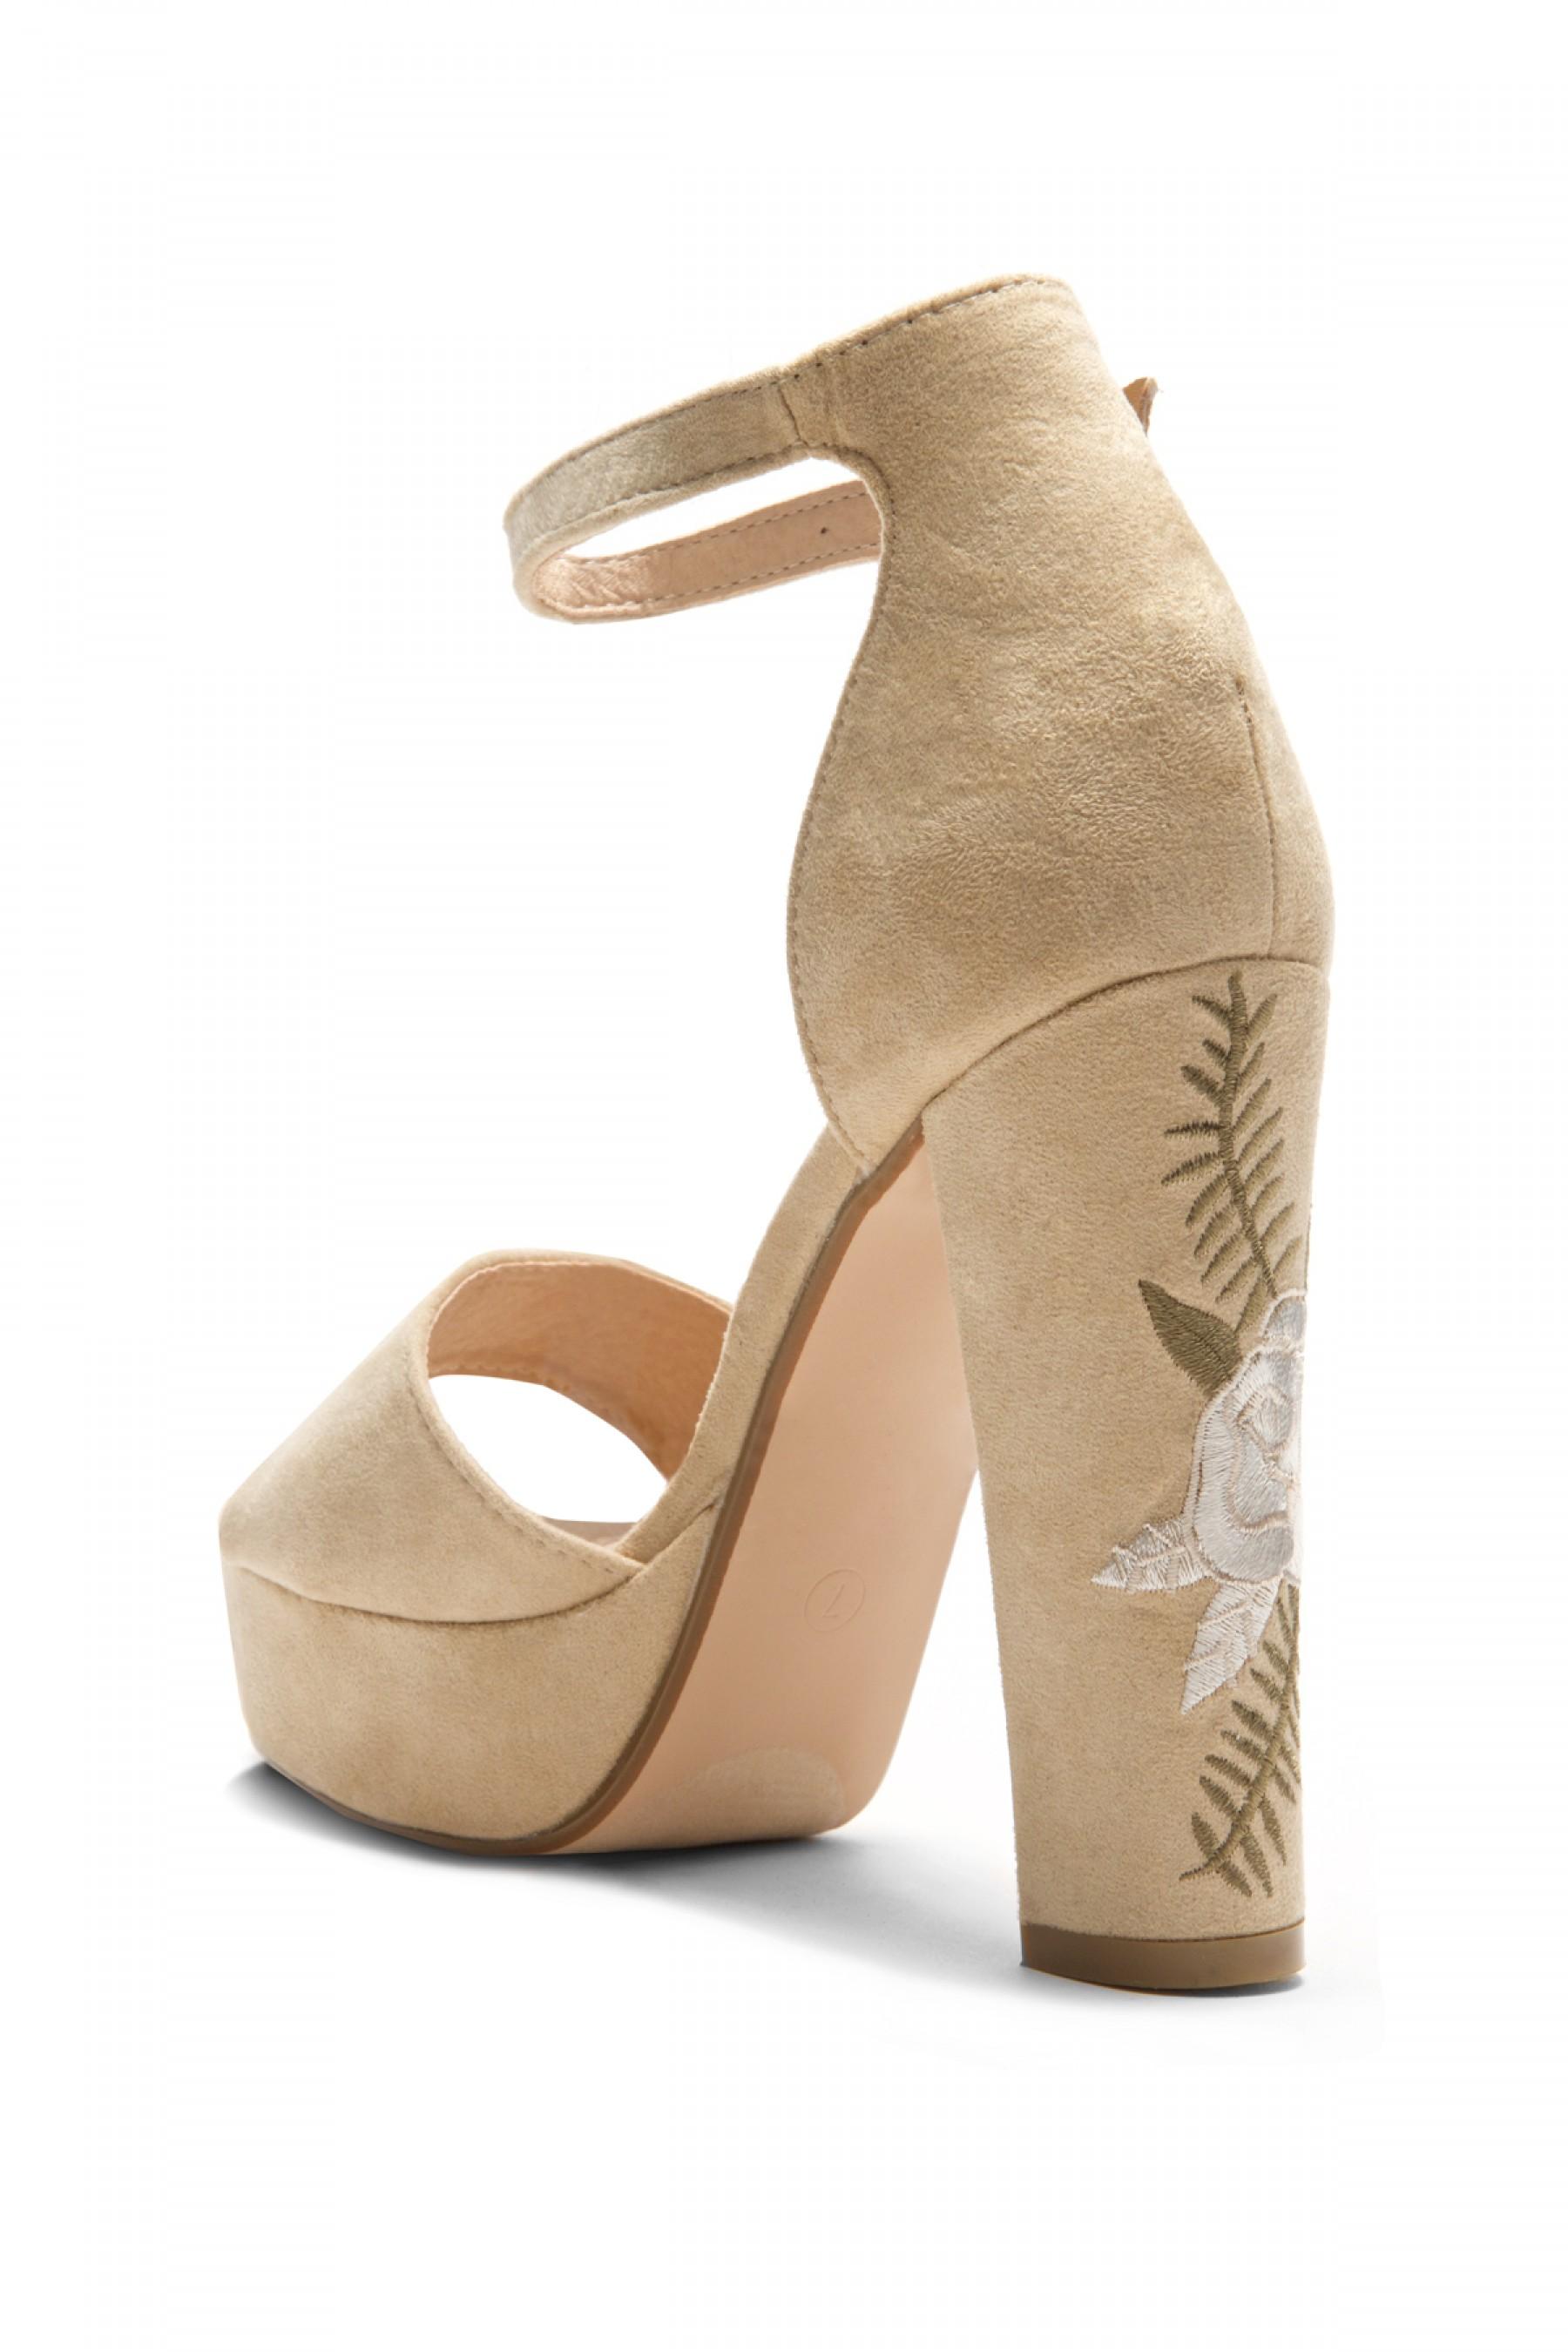 HerStyle Ellisse Faux Suede Floral Embroidered Platform Heel (Camel)